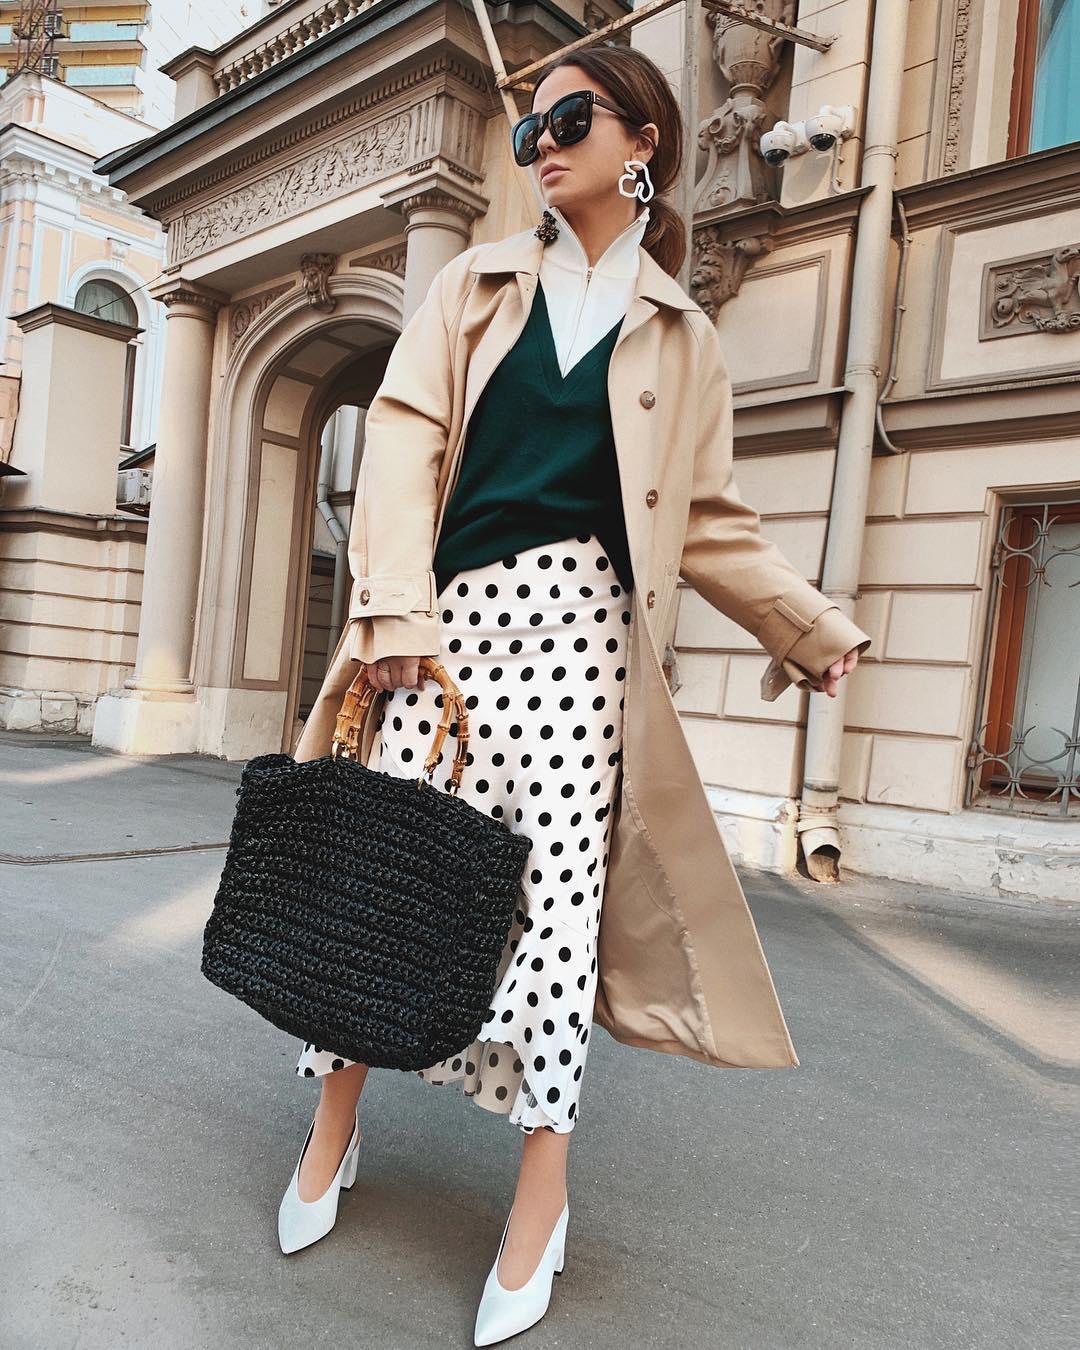 Модные плащи осени 2019 - трендовые модели для модниц мода,модный обзор,образ,осень 2019,стиль,тренды